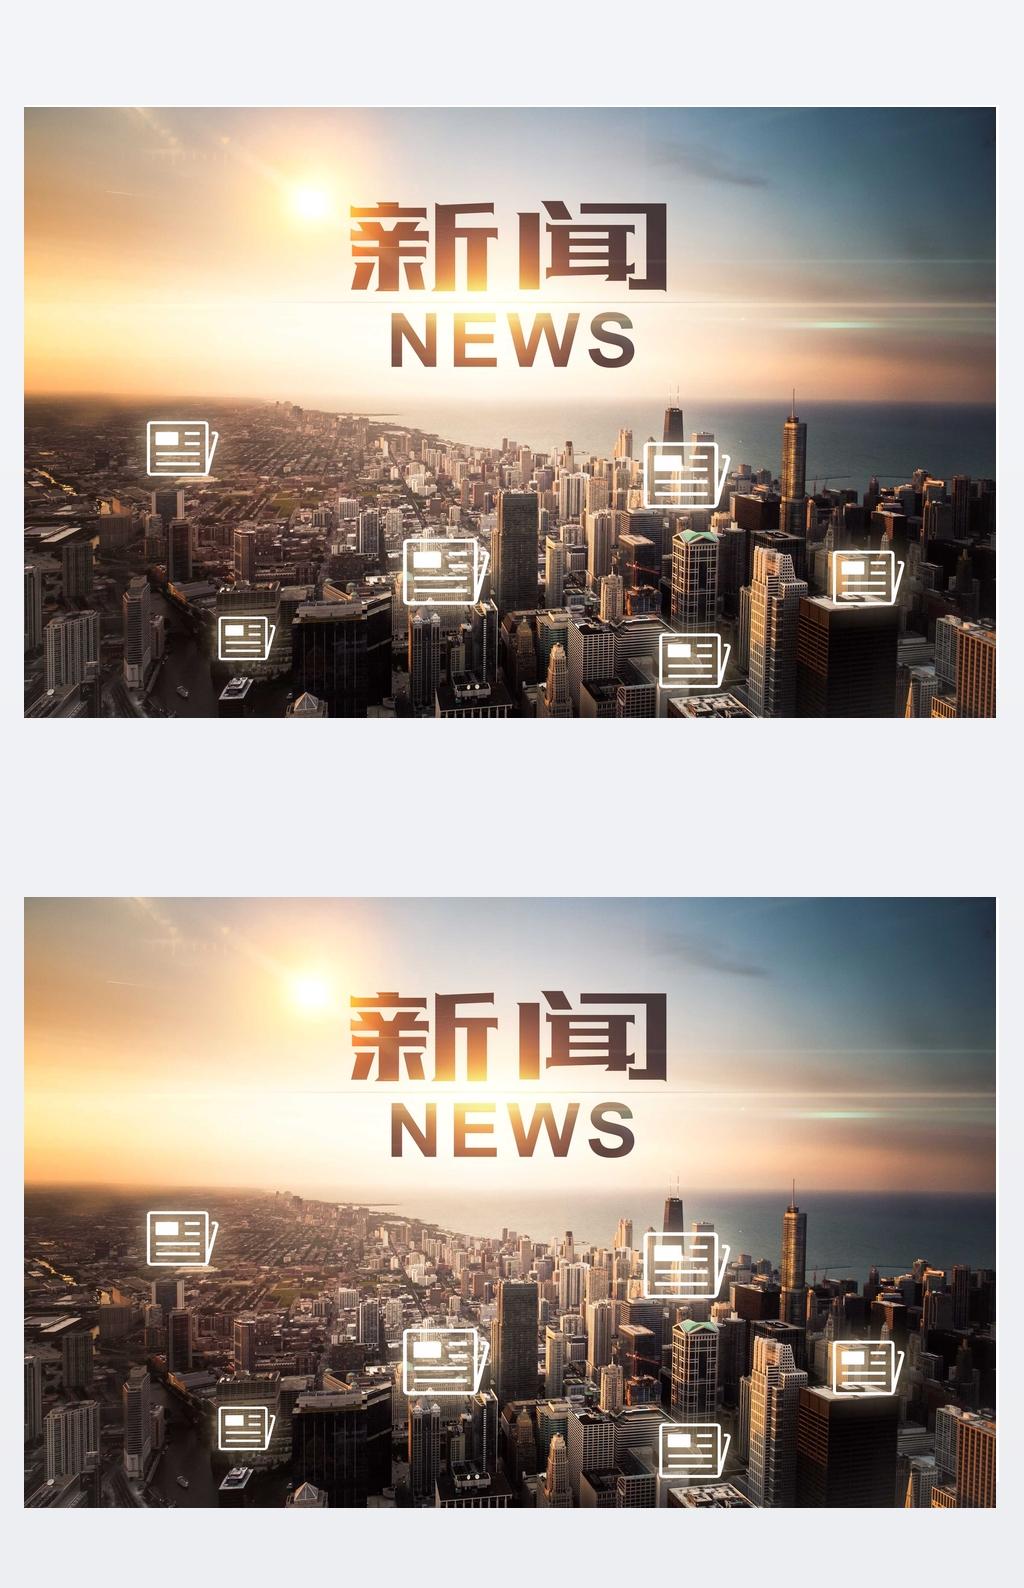 明星娱乐公司有哪些新闻天极新闻频道_IT行业资讯_互联网资讯_电商资讯_打造科技行业权威资讯坐看渠道风云变迁